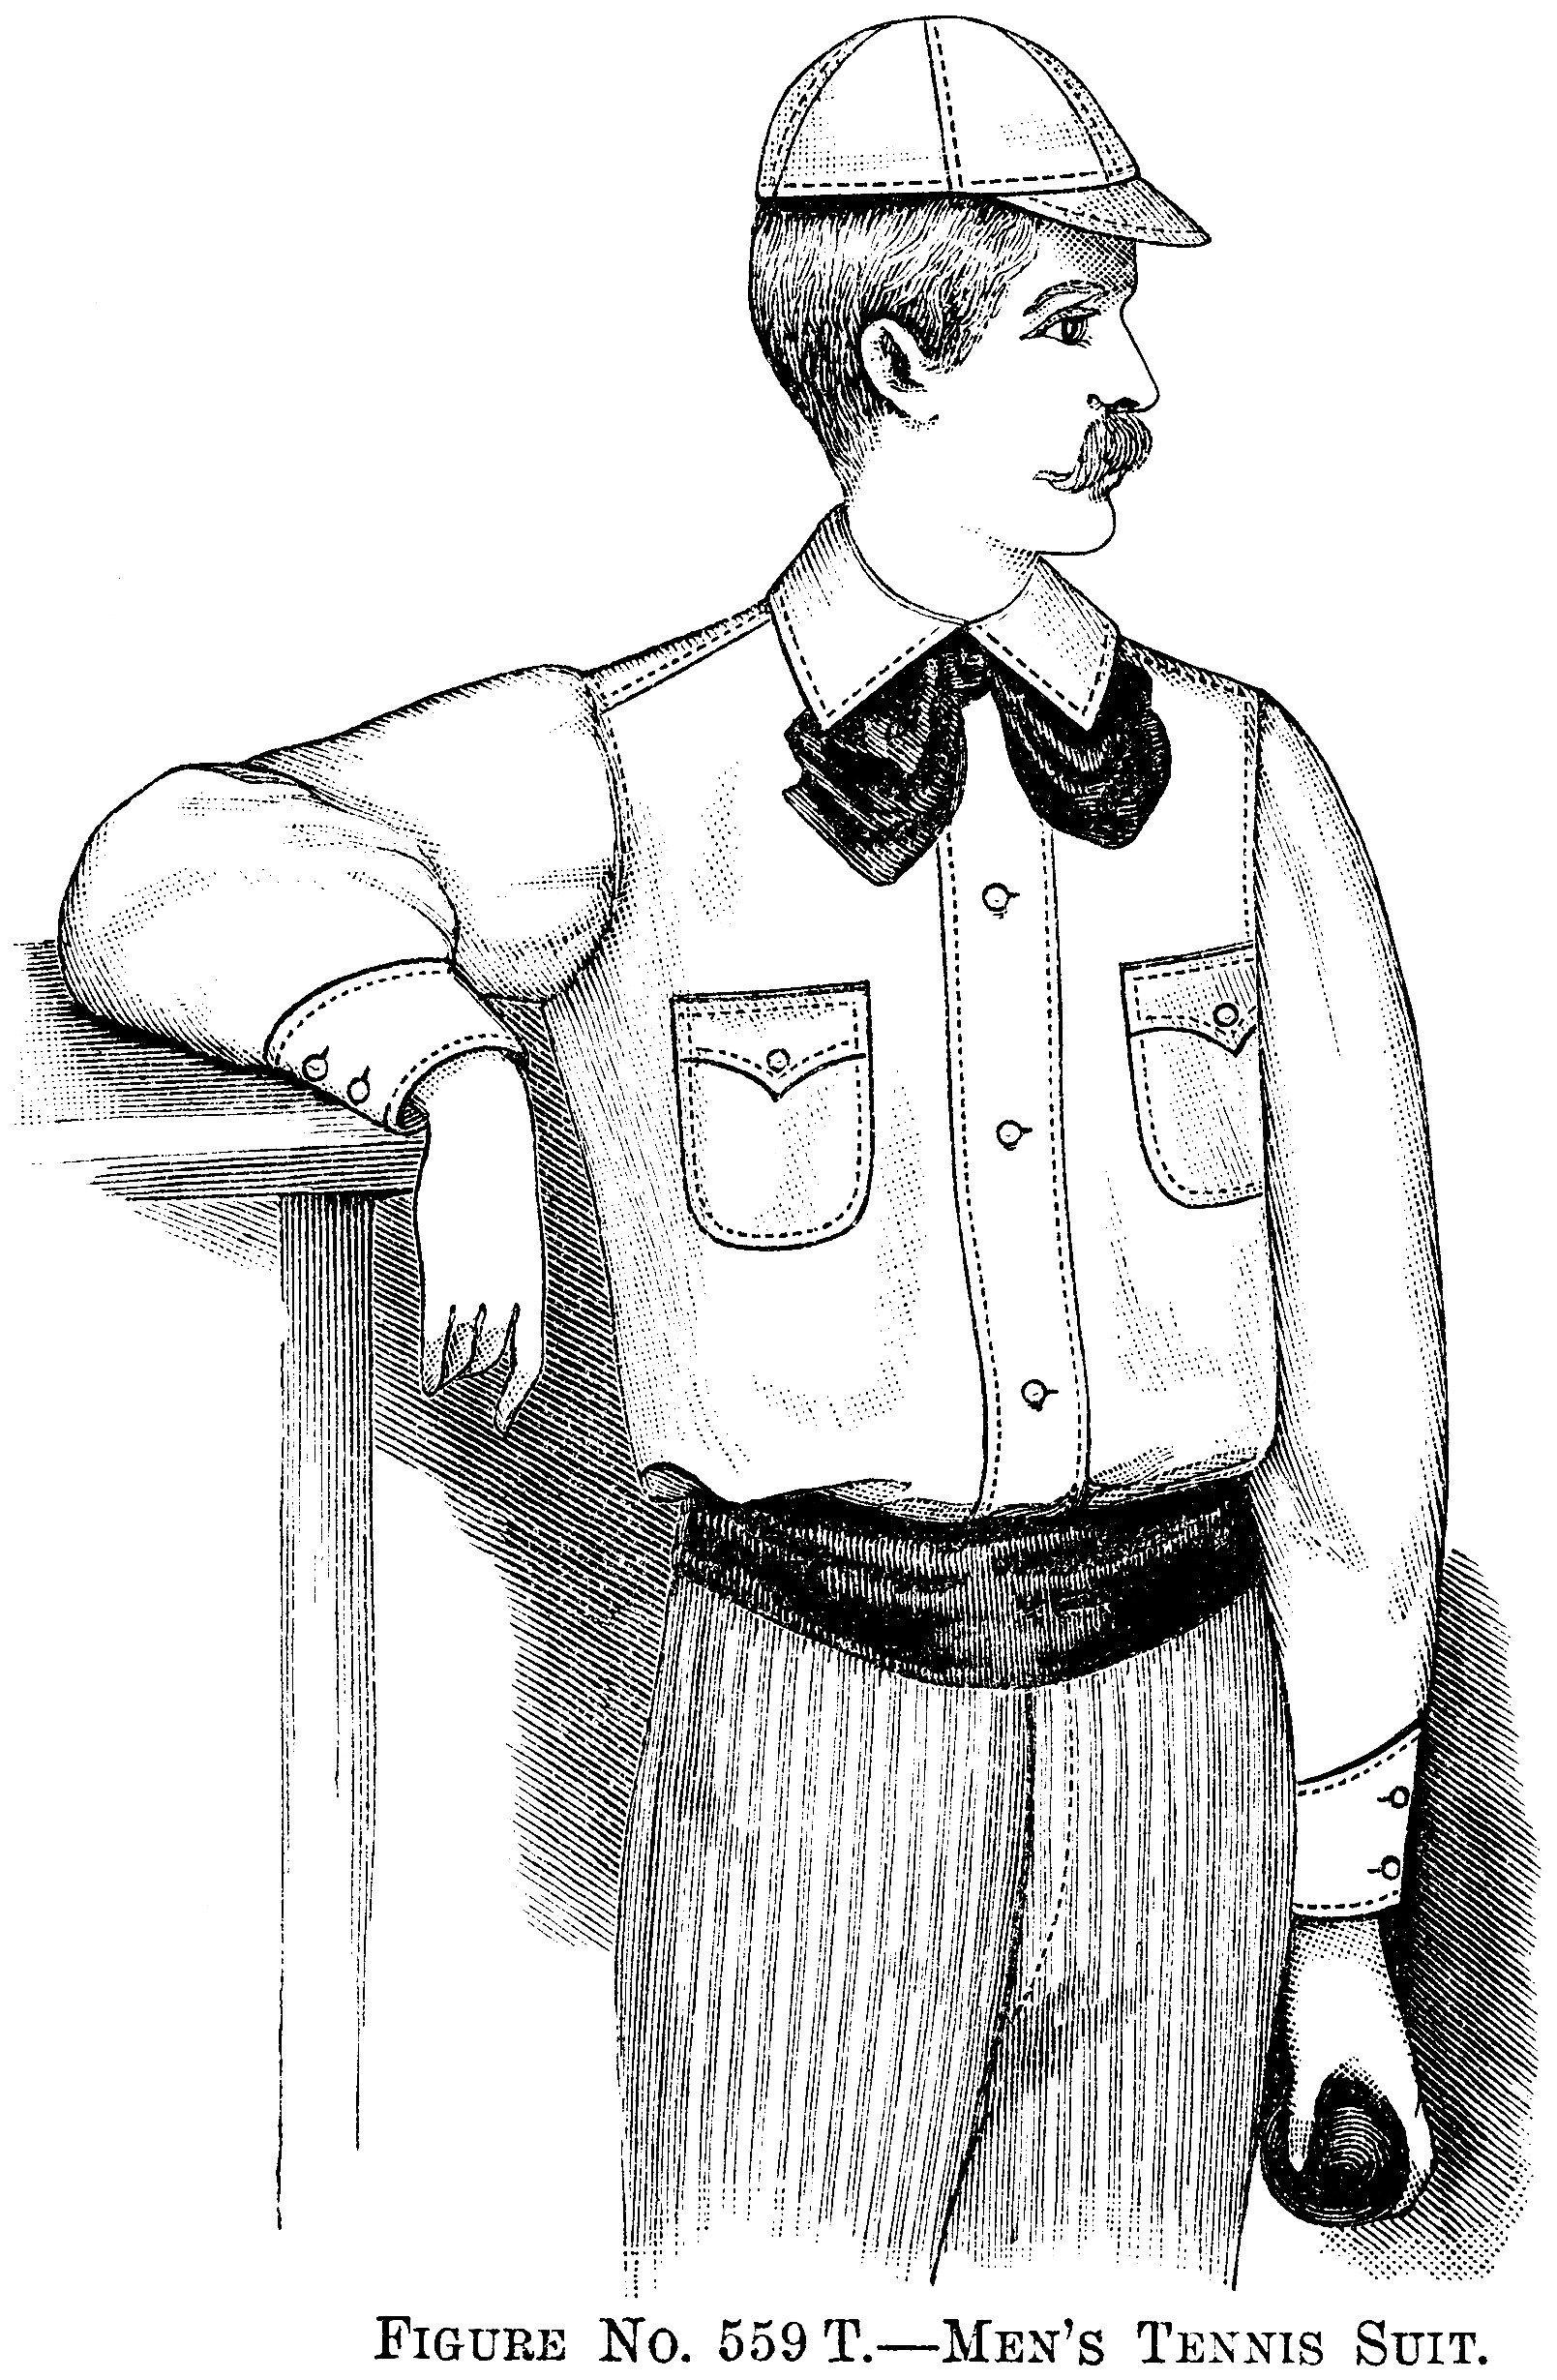 Moustache Man, Victorian Fashion, Vintage Tennis Suit, Black And White